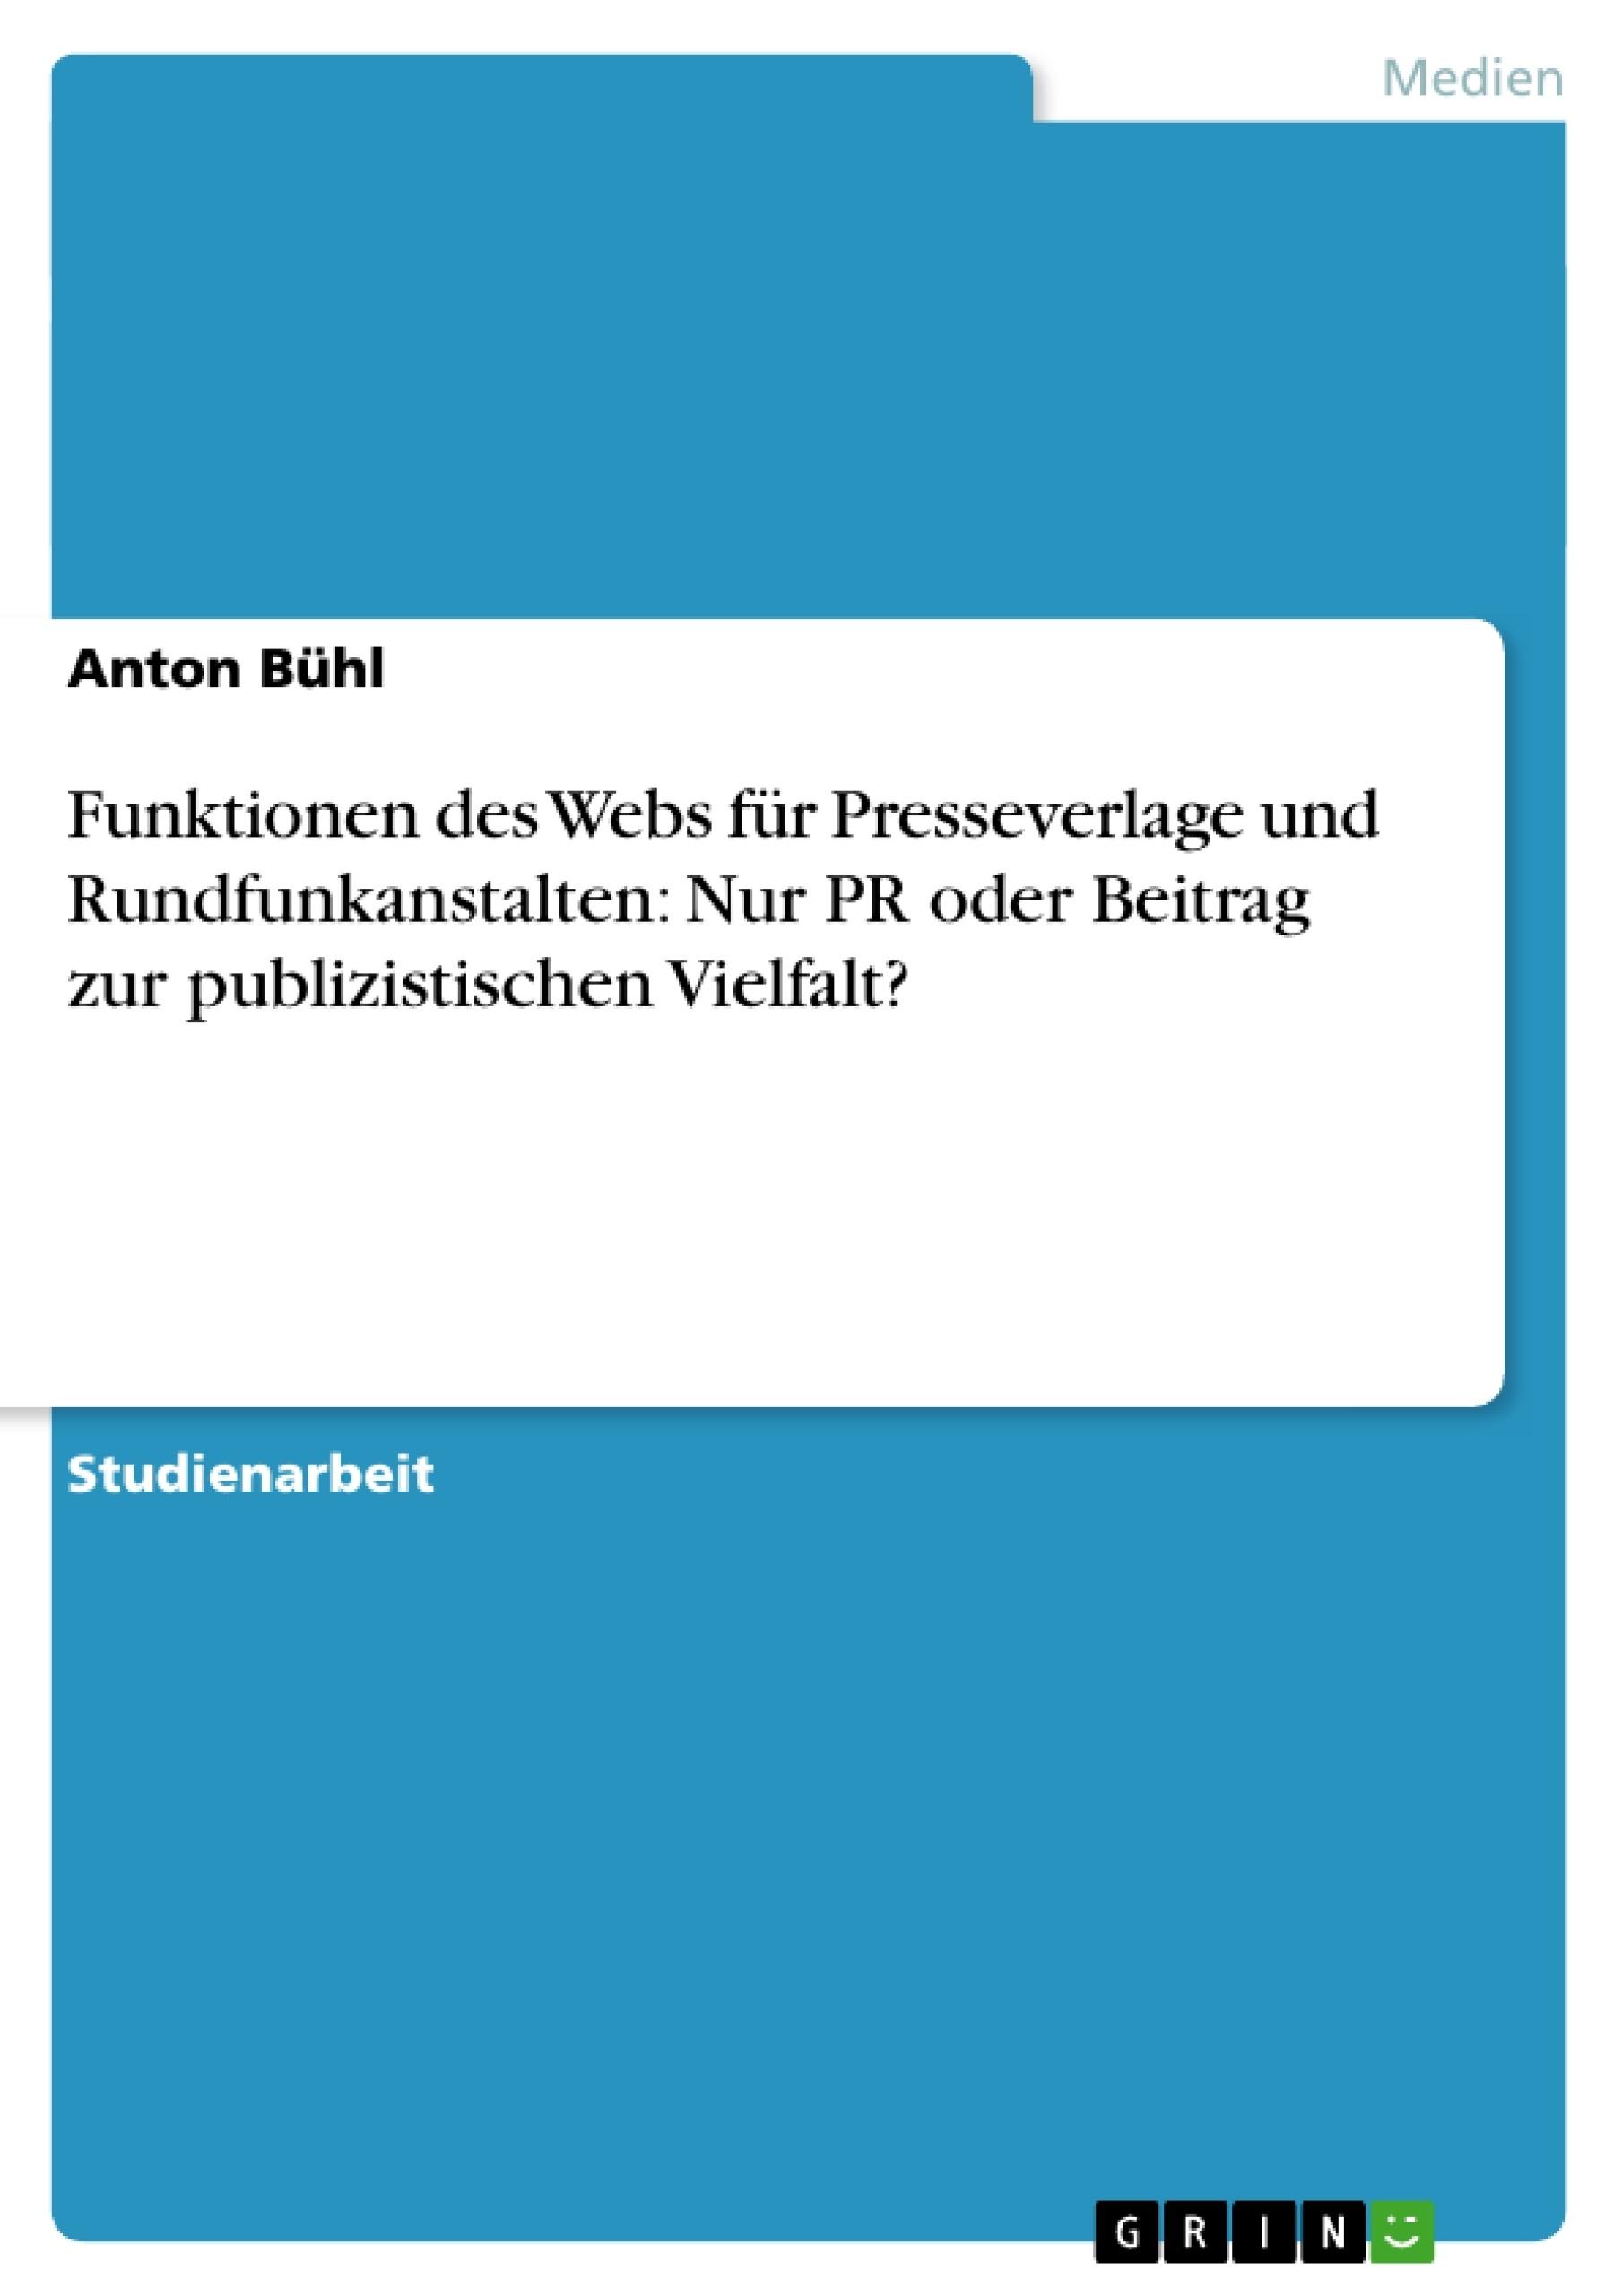 Titel: Funktionen des Webs für Presseverlage und Rundfunkanstalten: Nur PR oder Beitrag zur publizistischen Vielfalt?